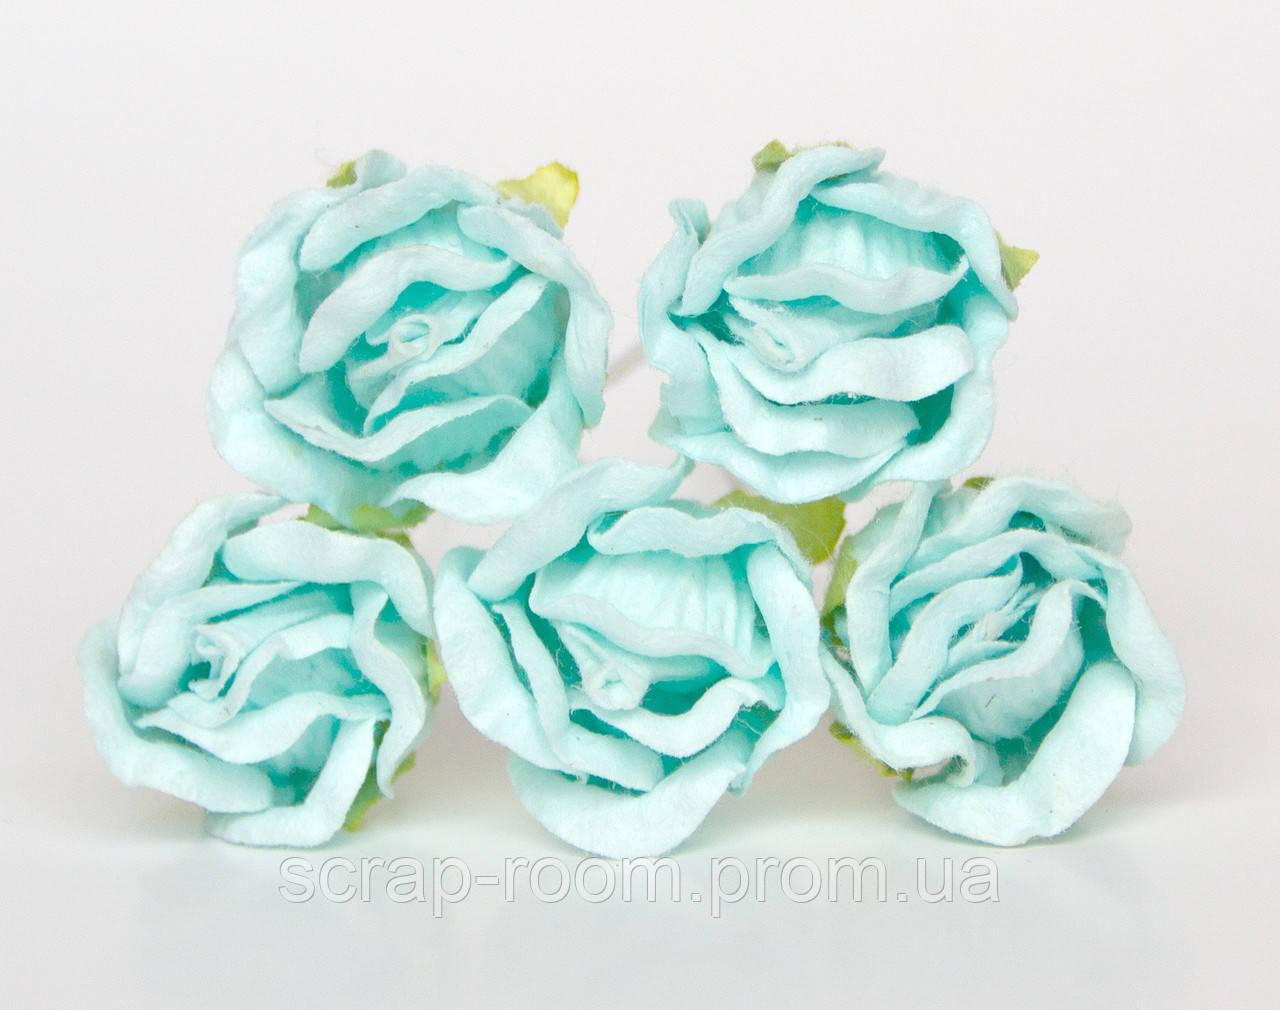 Бутон чайной розы мятный диаметр 2 см, бутон мятный, бумажная роза бутон мятный, бумажная роза, цена за 1 шт